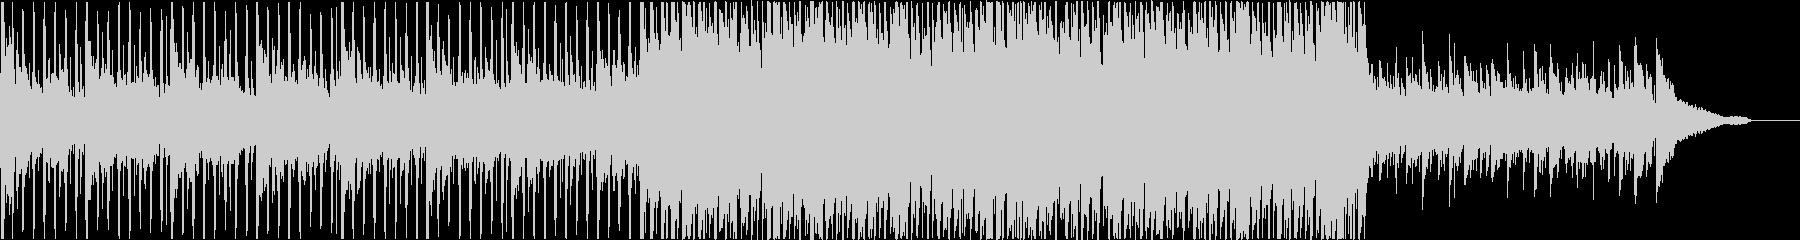 アコギ生演奏の明るく聞きやすいPOPSの未再生の波形